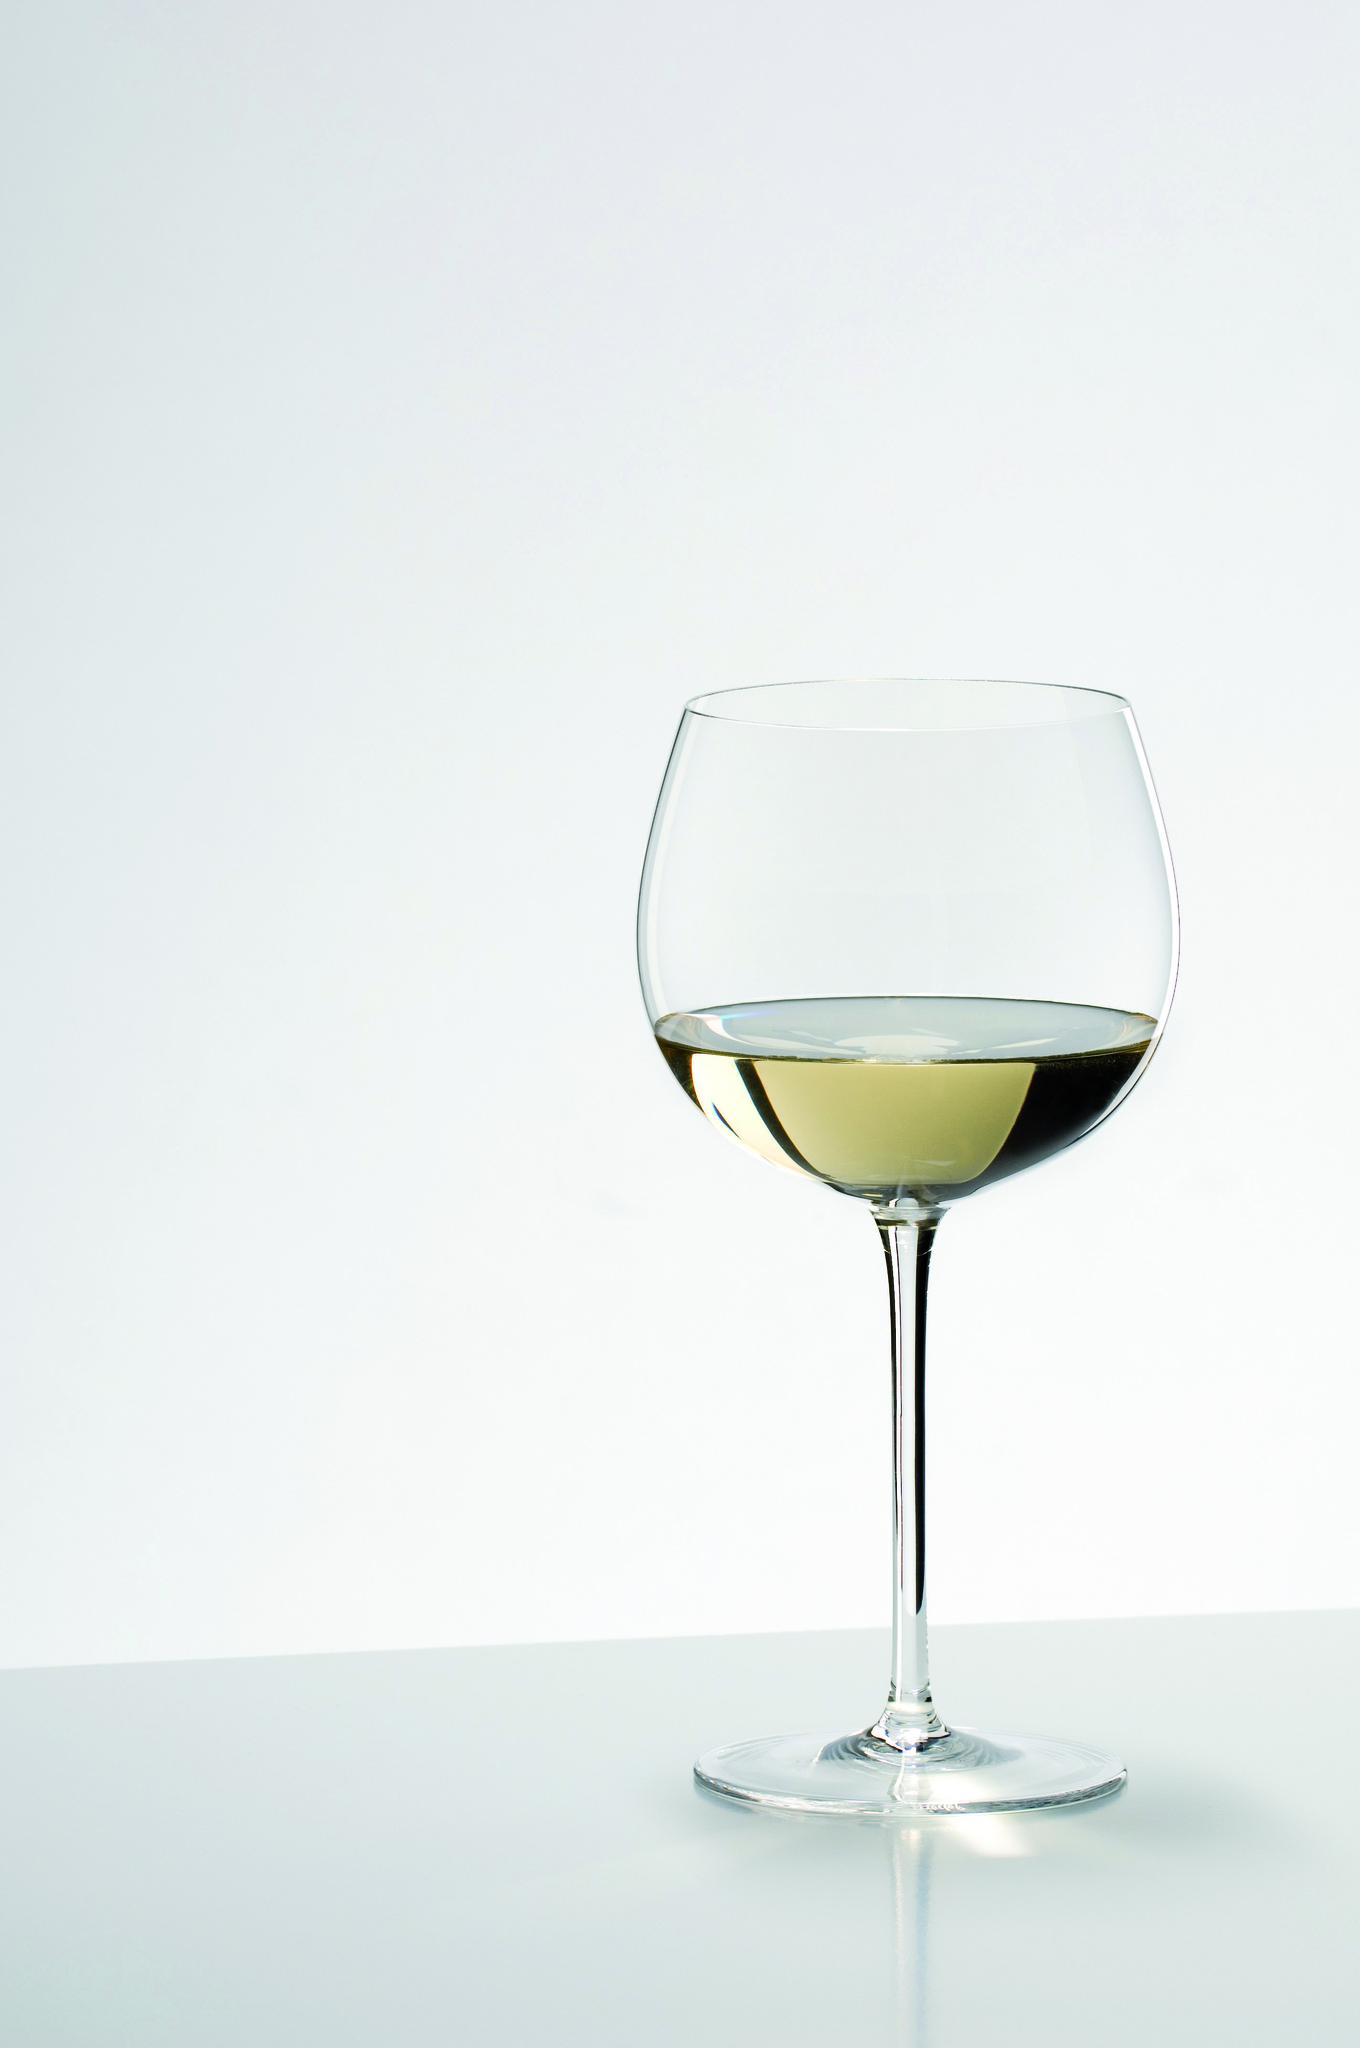 Бокал для белого вина 500мл Riedel Sommeliers Montrachet